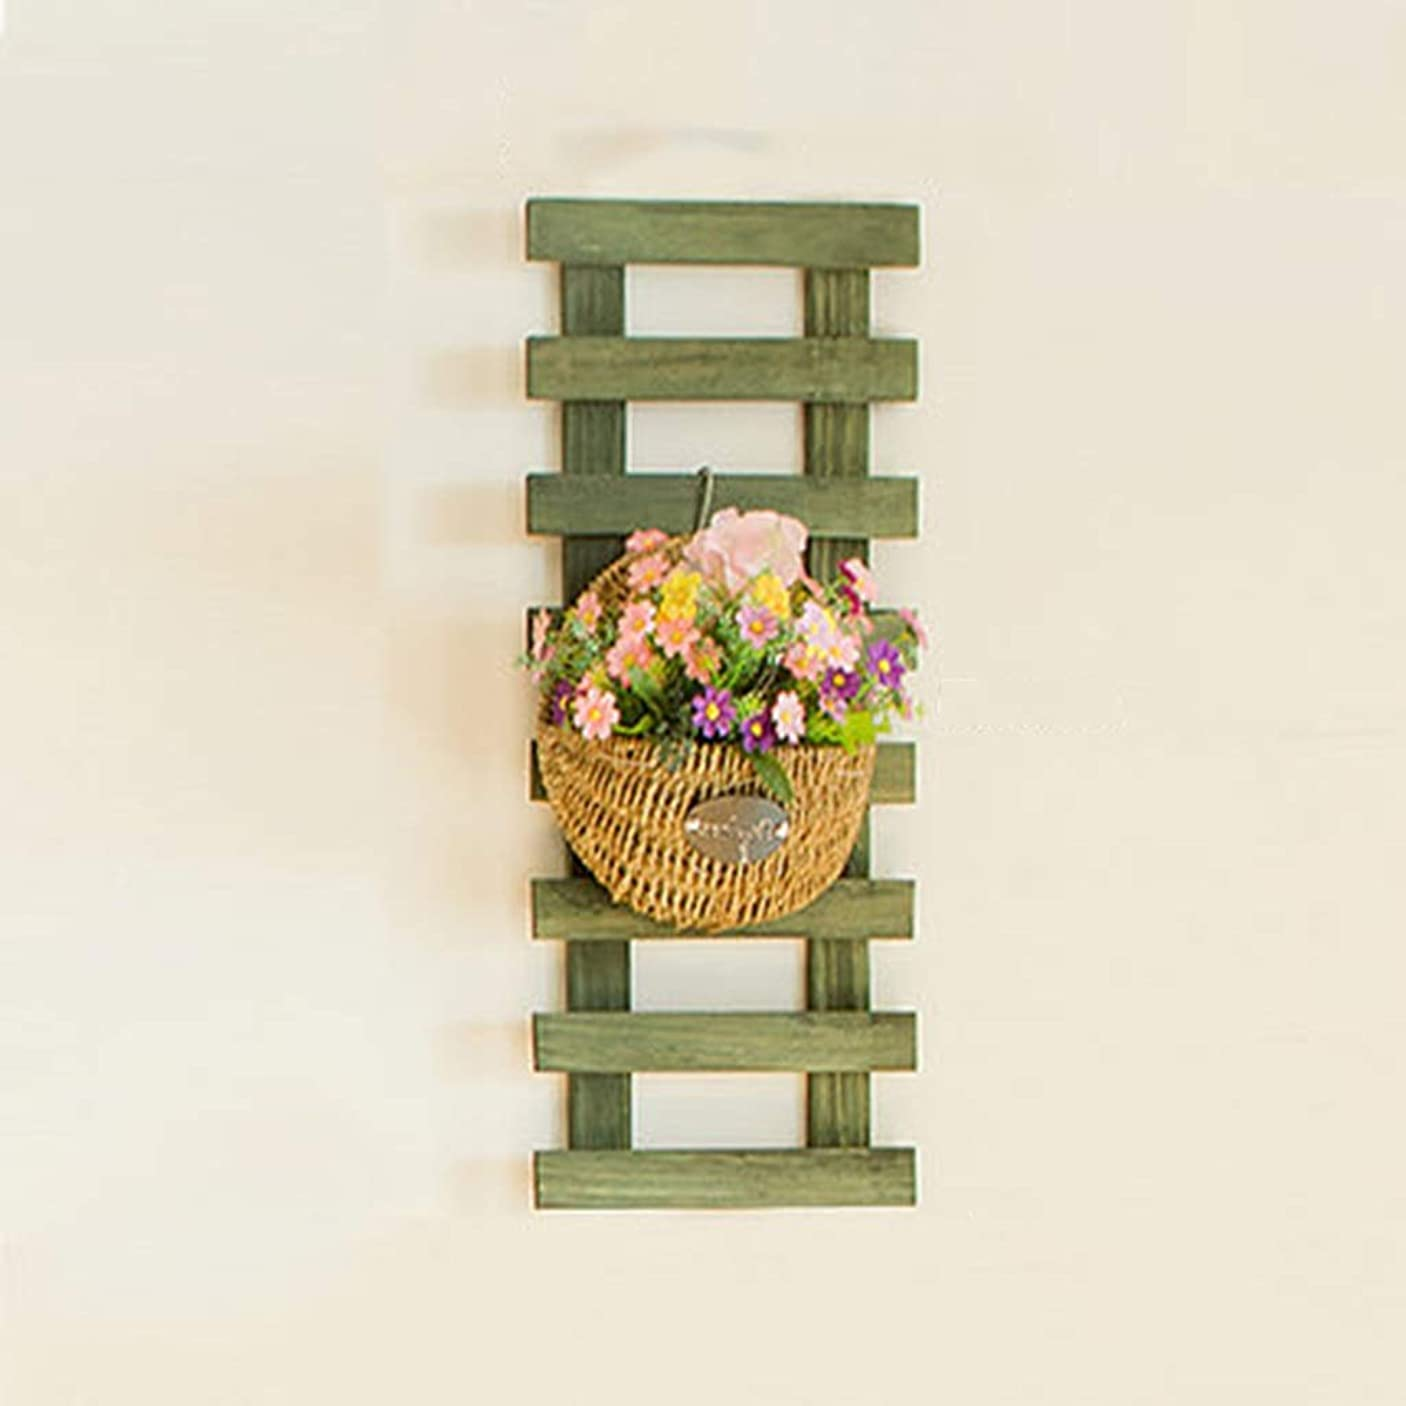 レガシーあご継承IUYWLフラワースタンド 棚ラック工場のフローティングフレームを登る壁盆栽ディスプレイ、木本植物の花、 IUYWLフラワースタンド (Color : B)